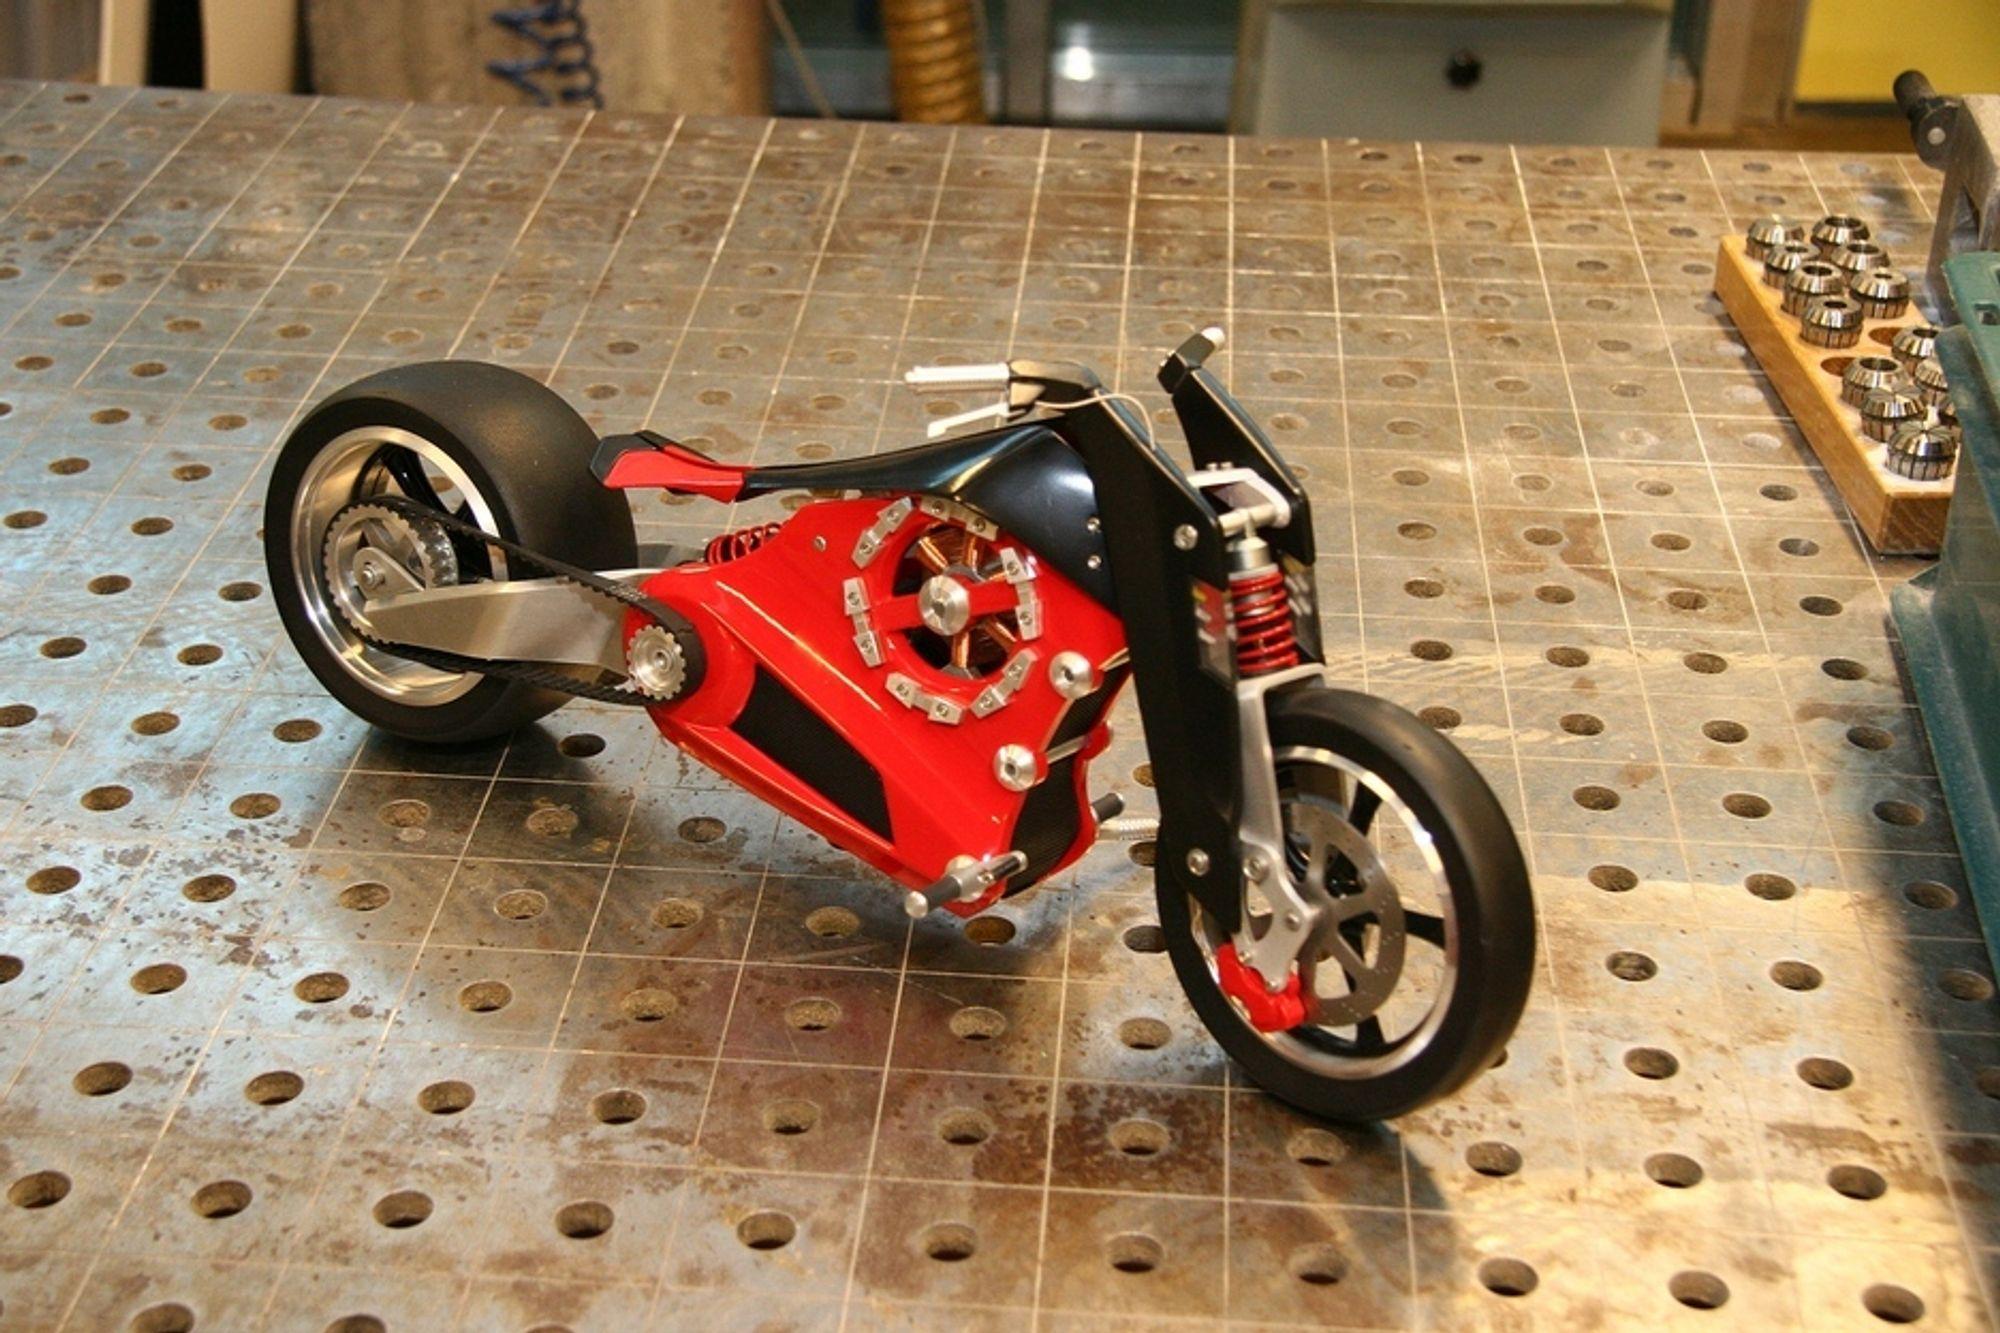 LEKKER: Det er en rikktig lekker motorsykkel som får selv hardcore bensinentusiaster til å studere den med interesse.